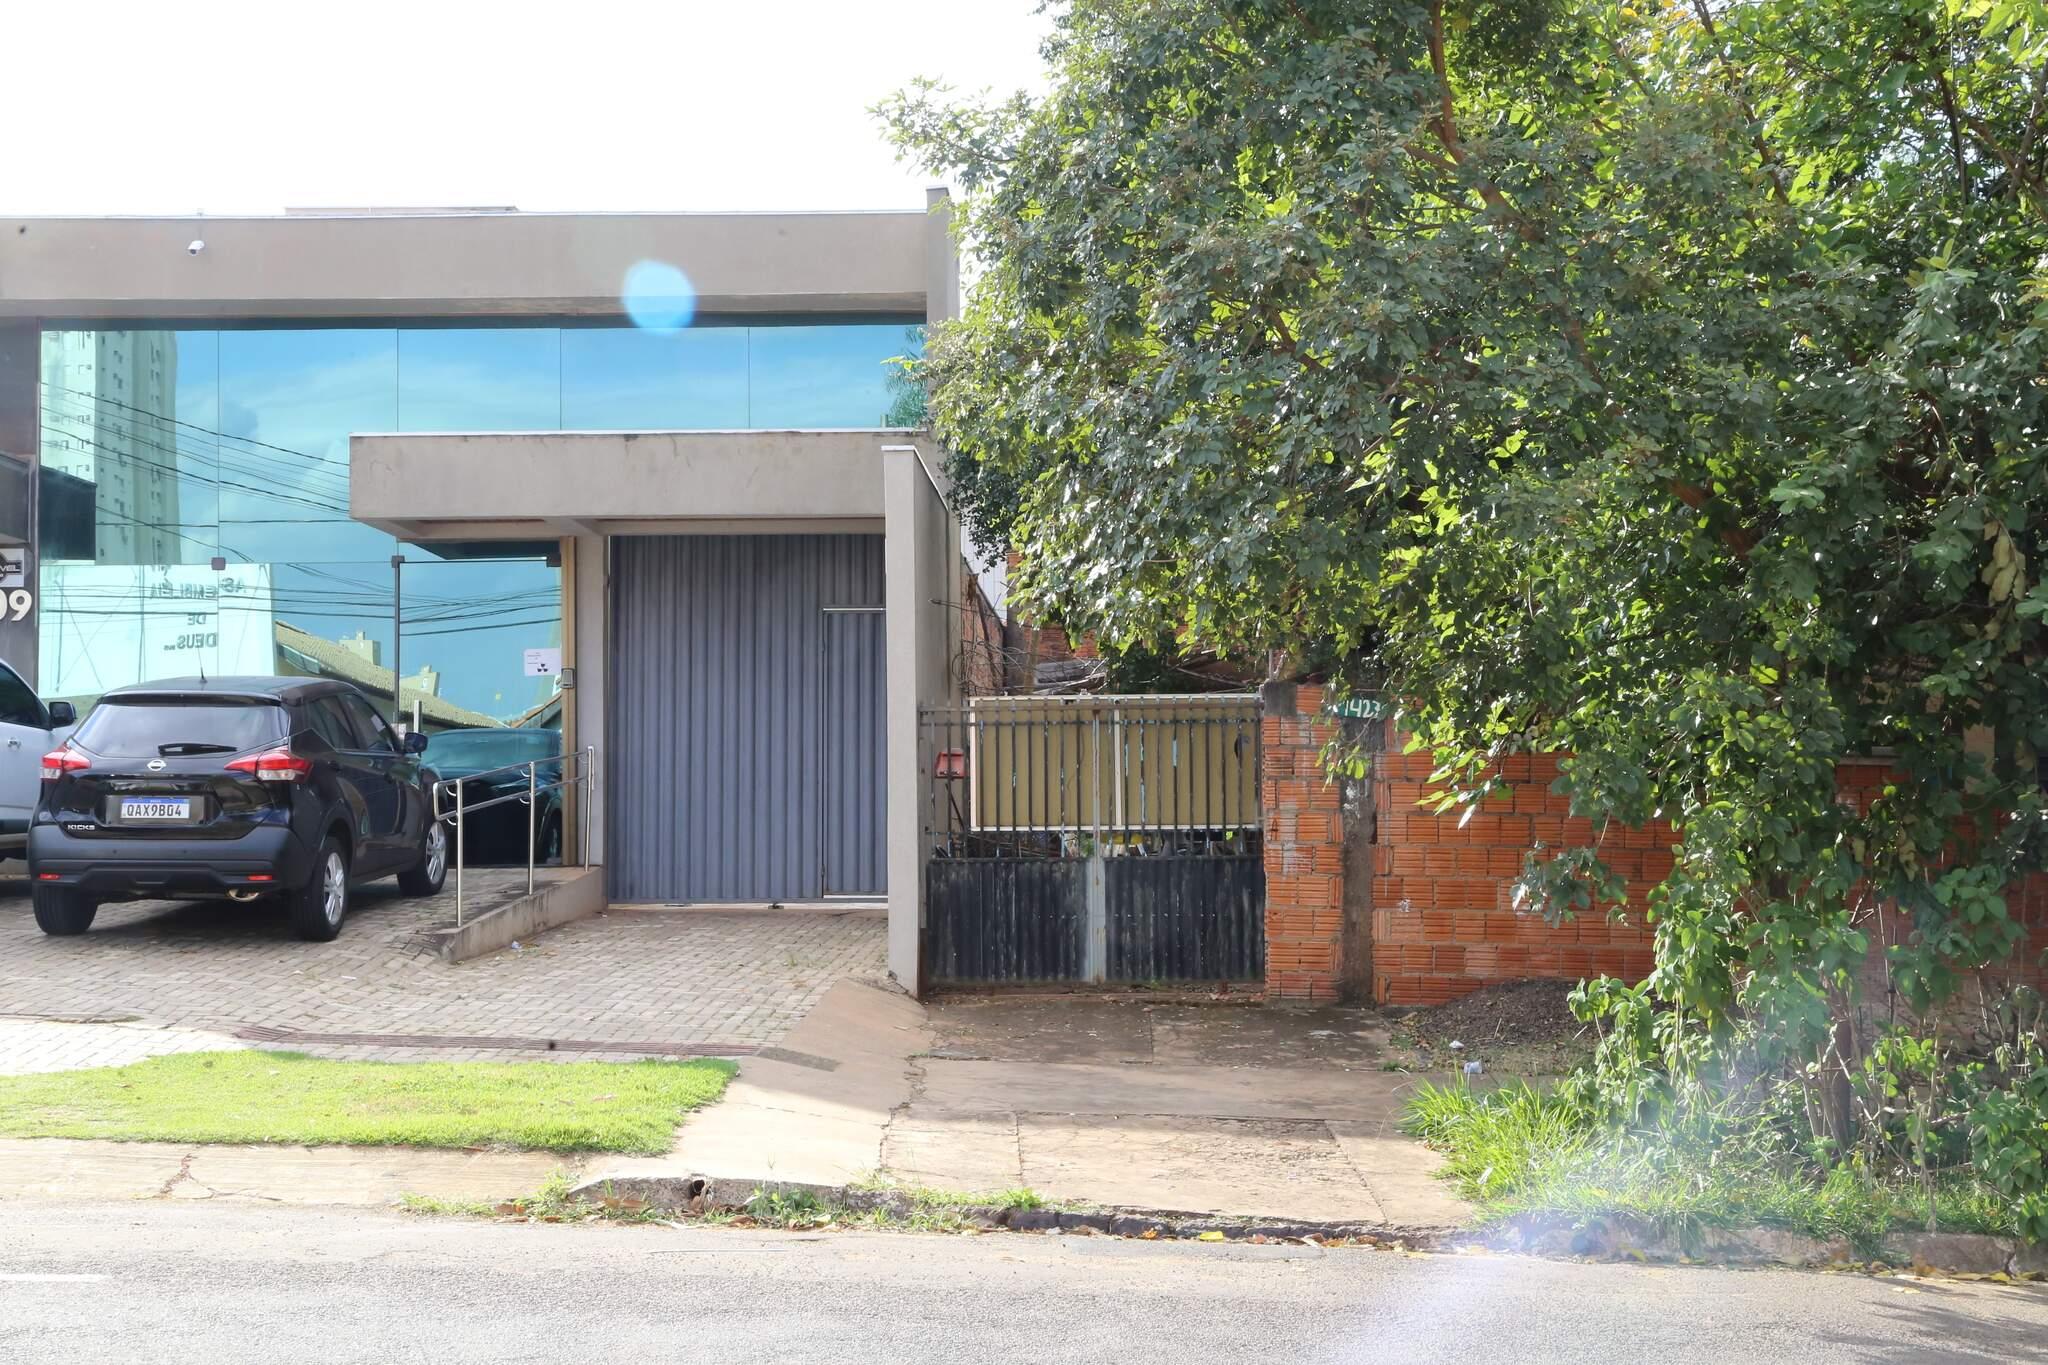 No Bairro Santa Fé, Rua Zezé Flores tem casas de menor valor que contrastam com vizinhança de imóveis comerciais (Foto: Kisie Ainoã)